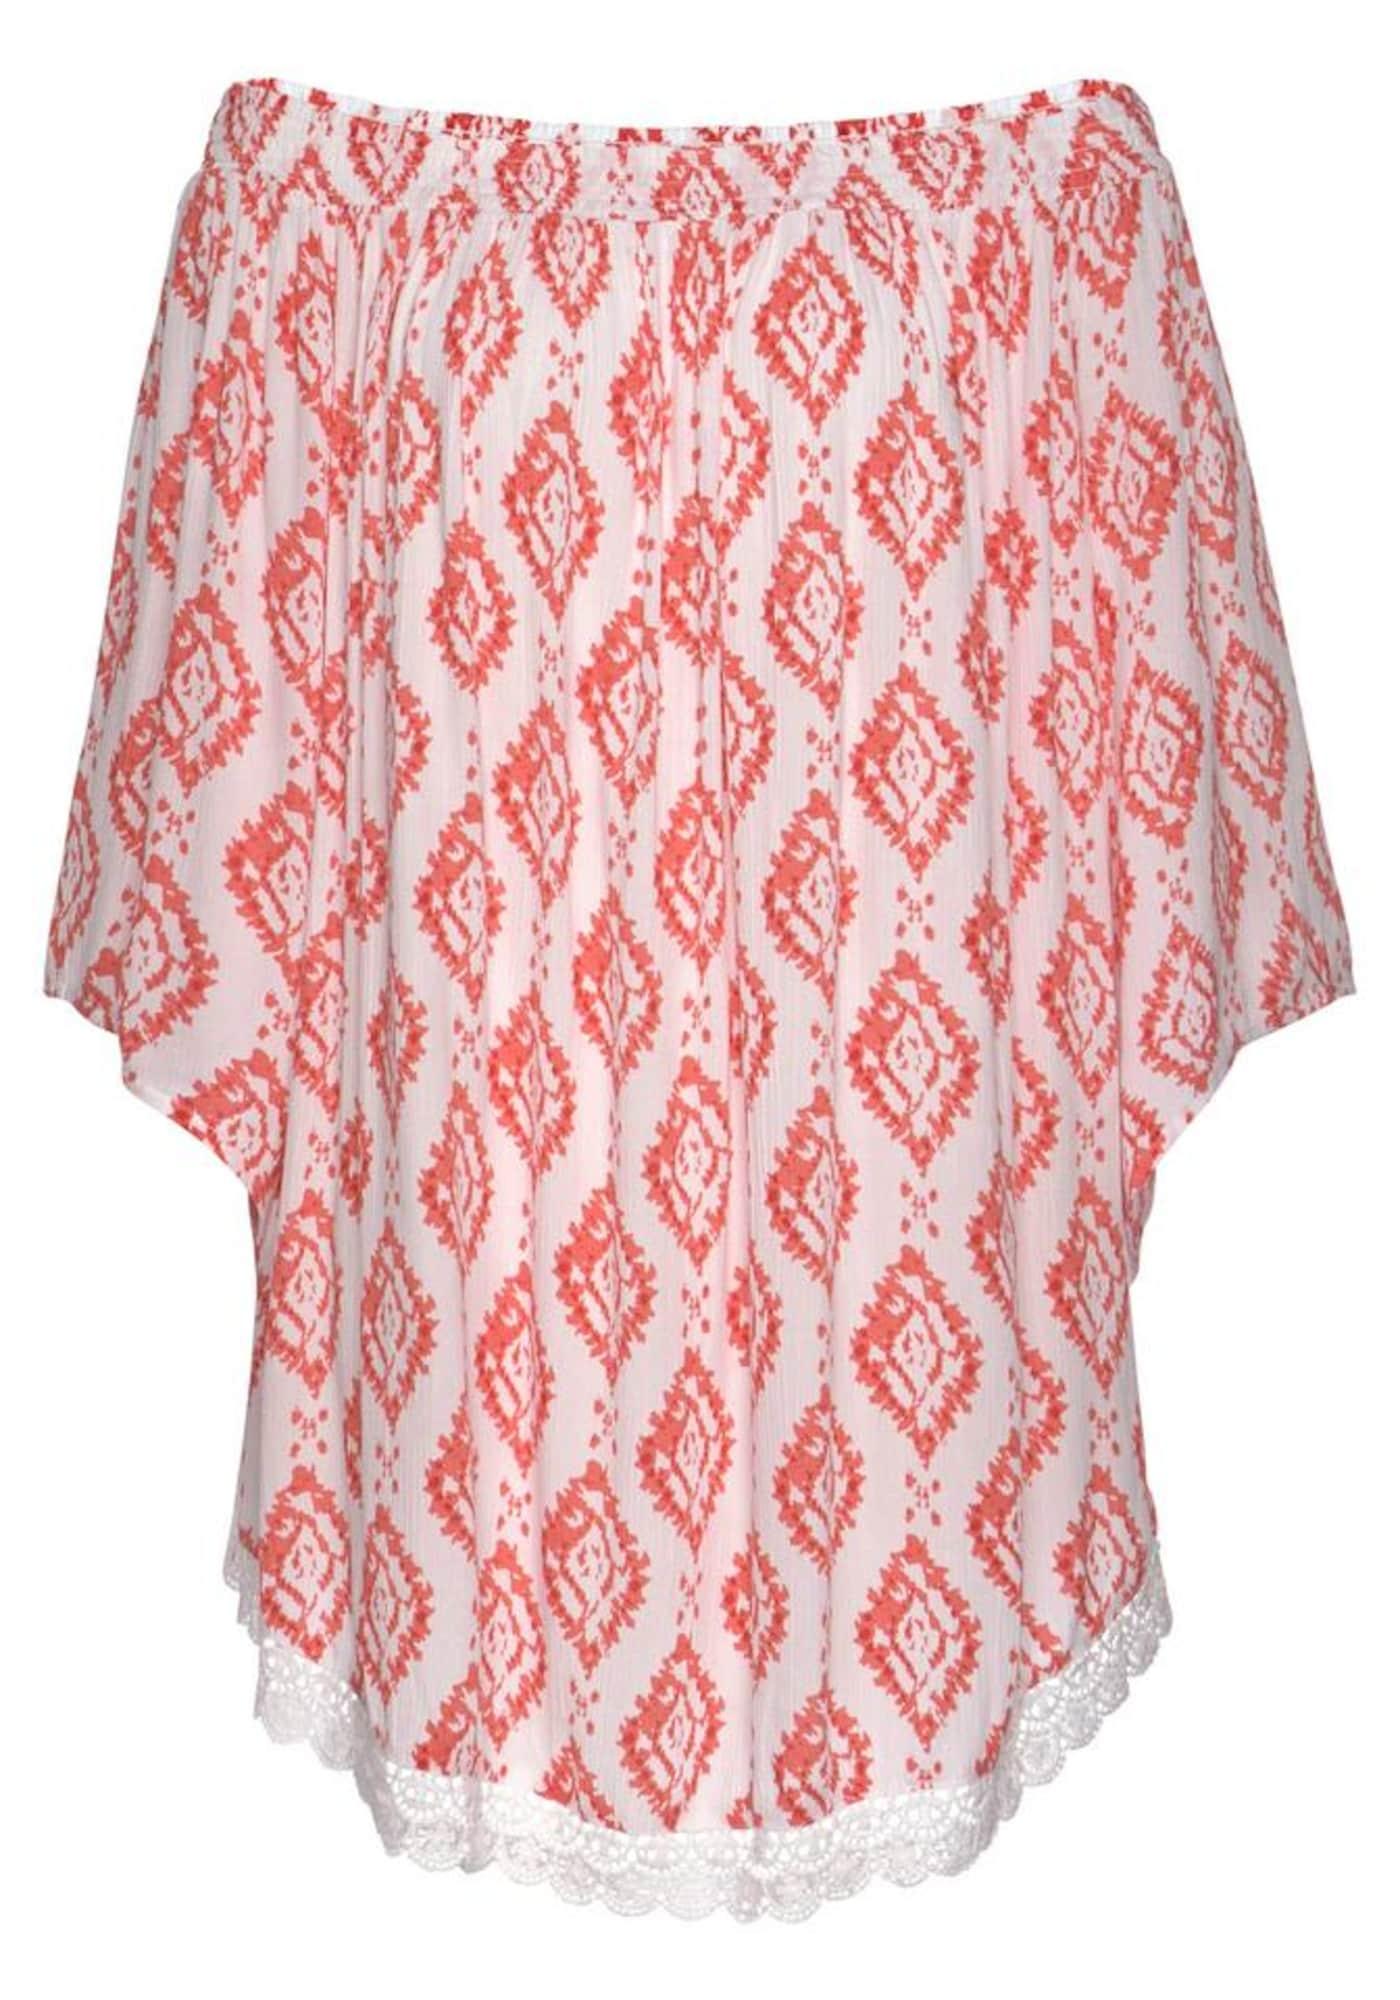 s.Oliver Paplūdimio suknelė balta / pastelinė raudona